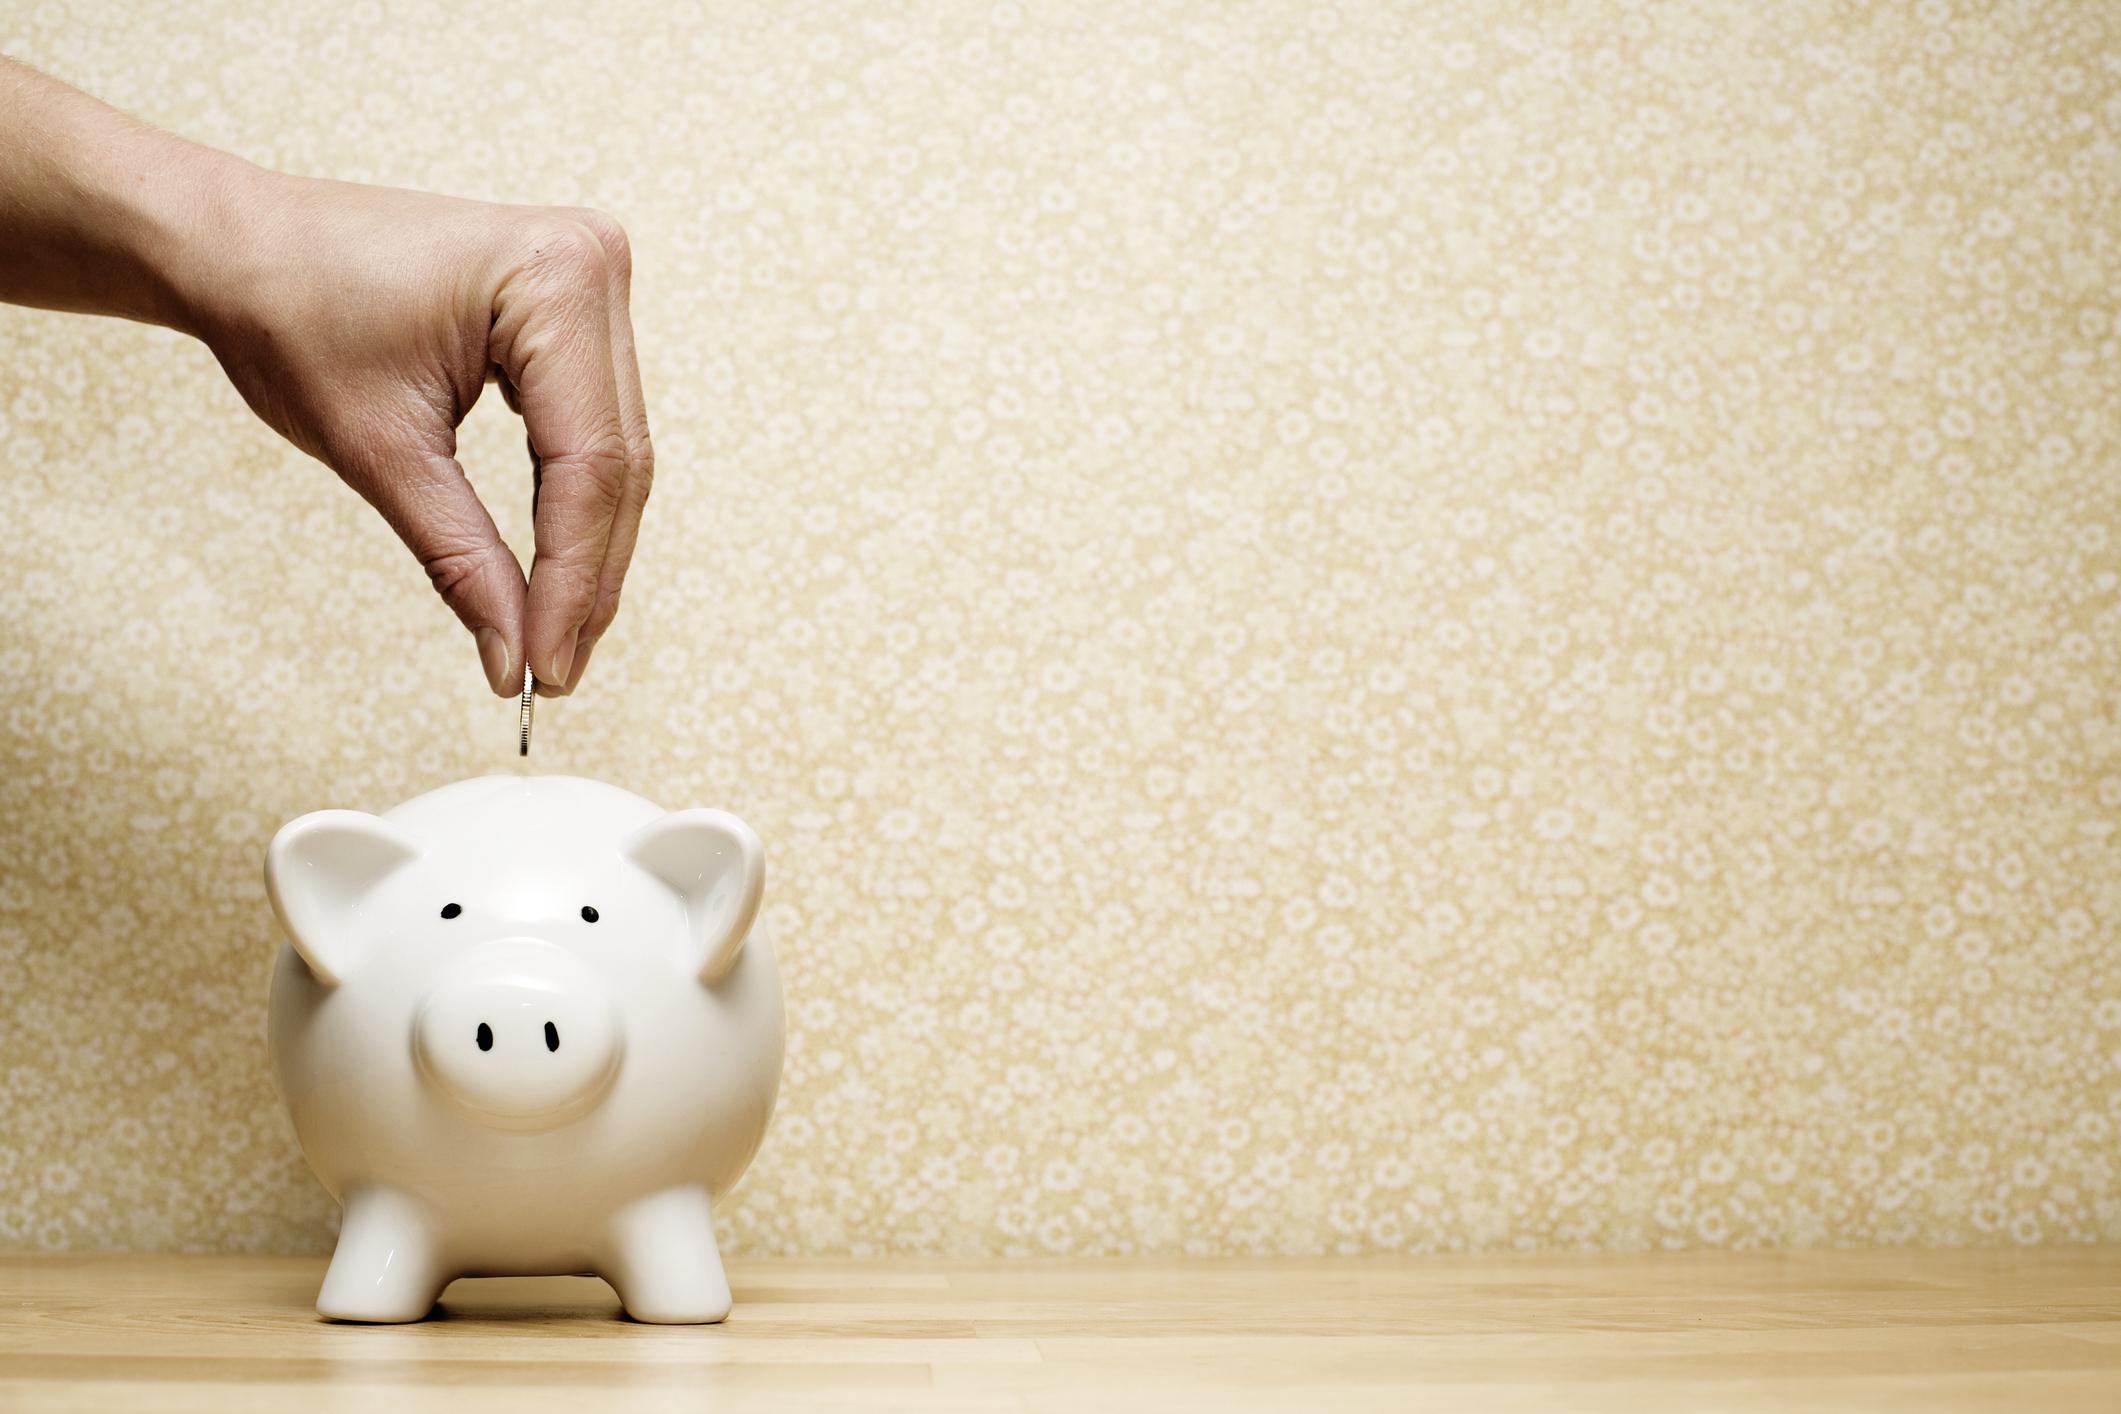 Person dropping a coin into a white piggy bank